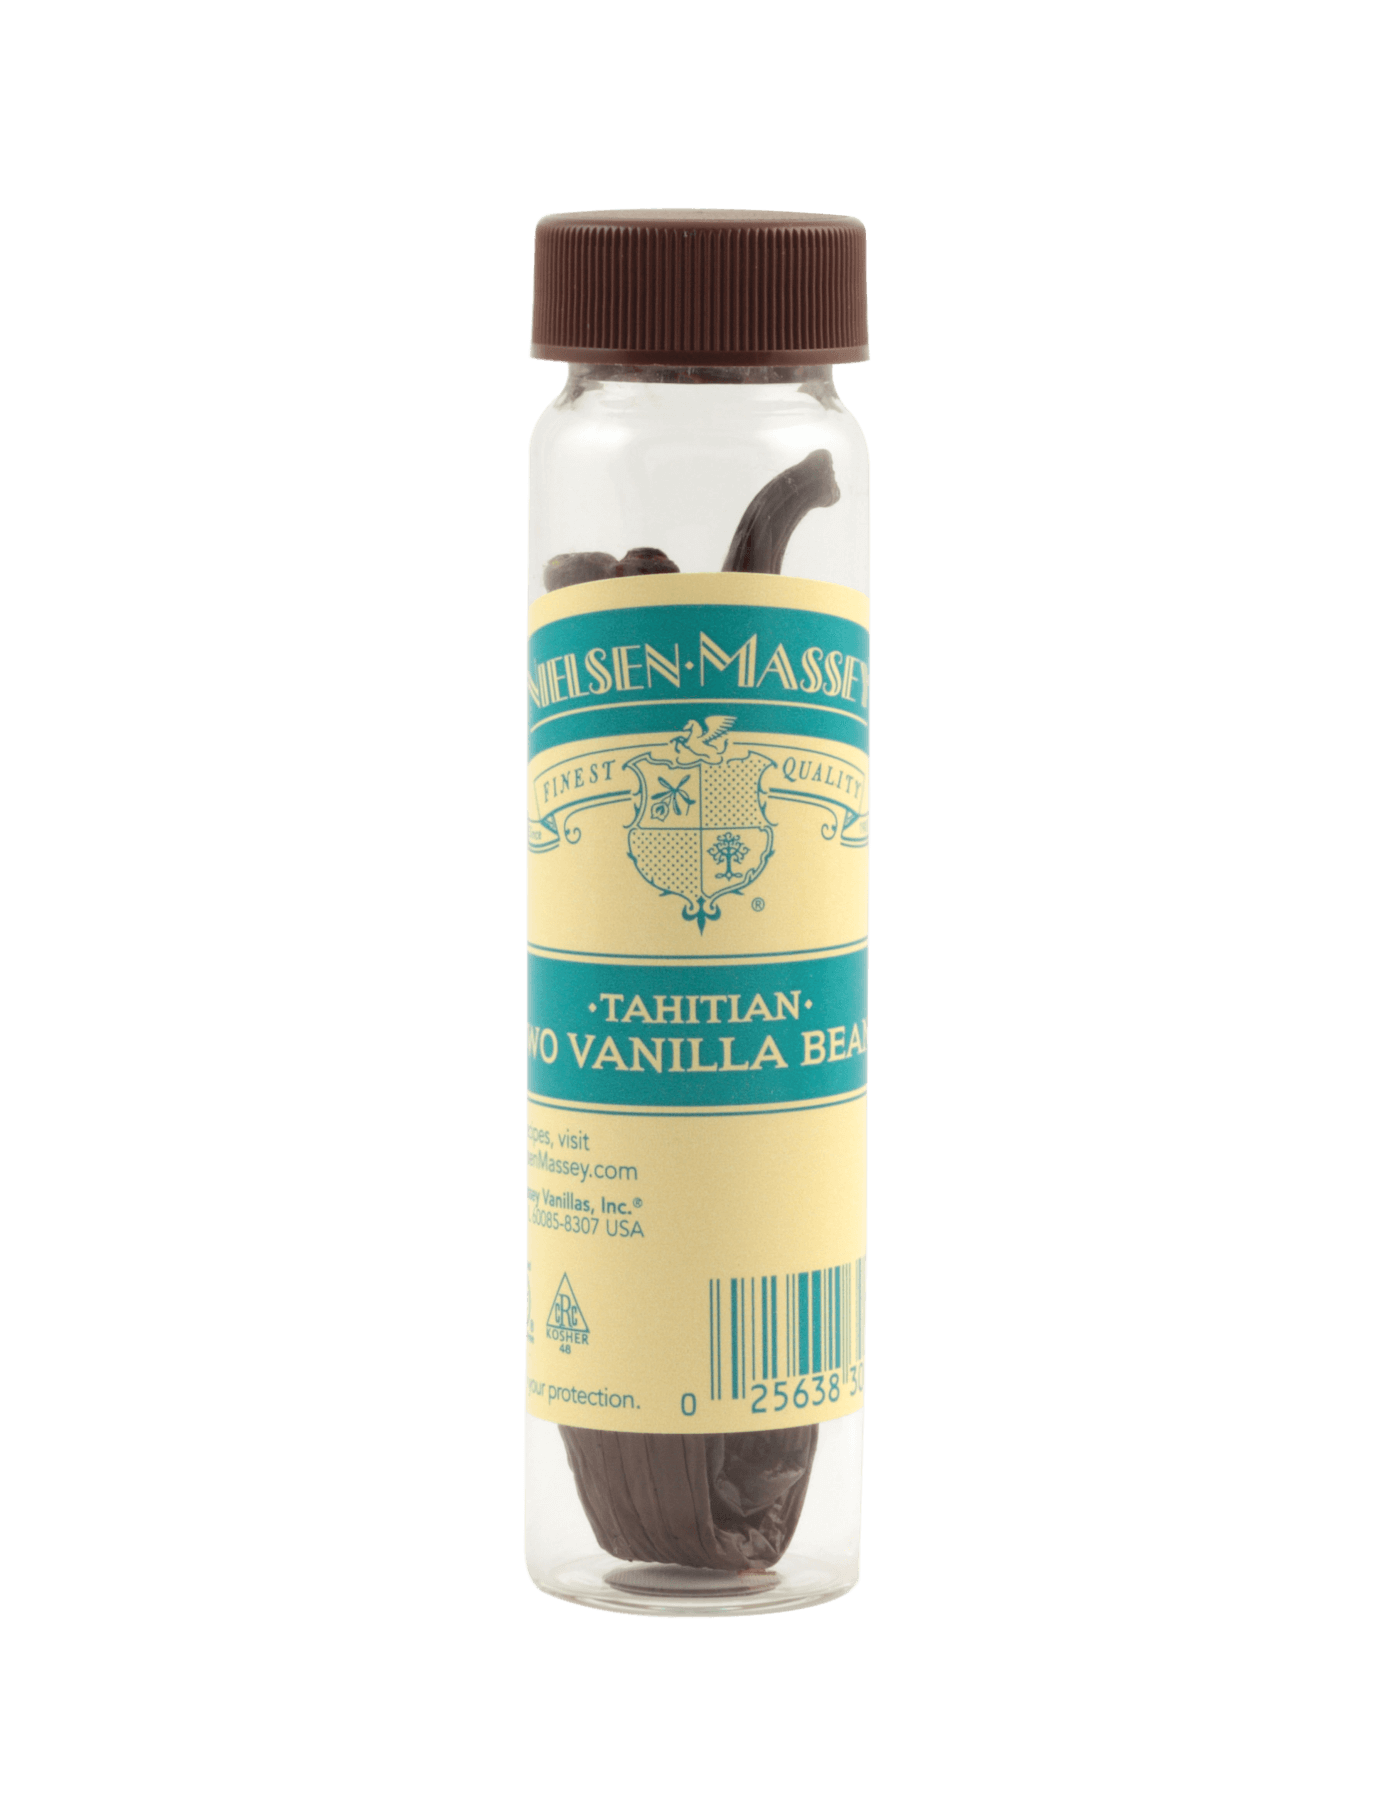 Tahitian Vanilla Bean